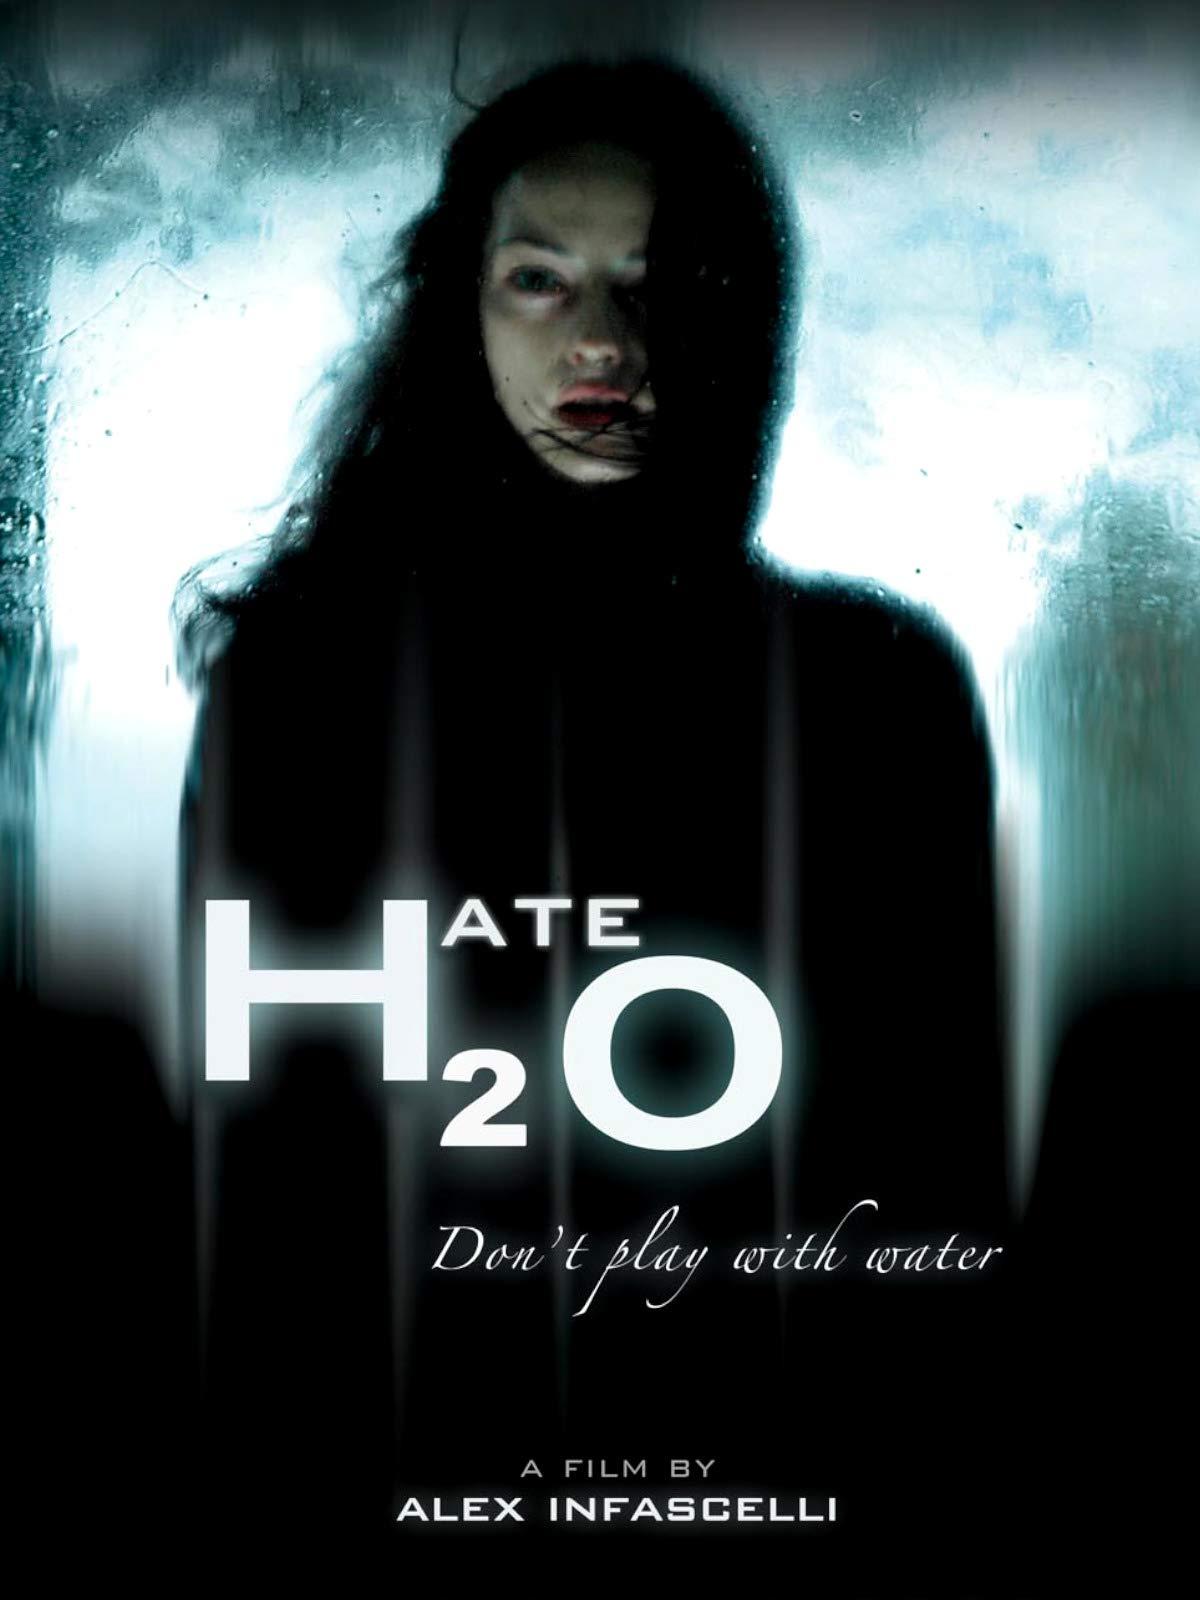 Hate 2 O